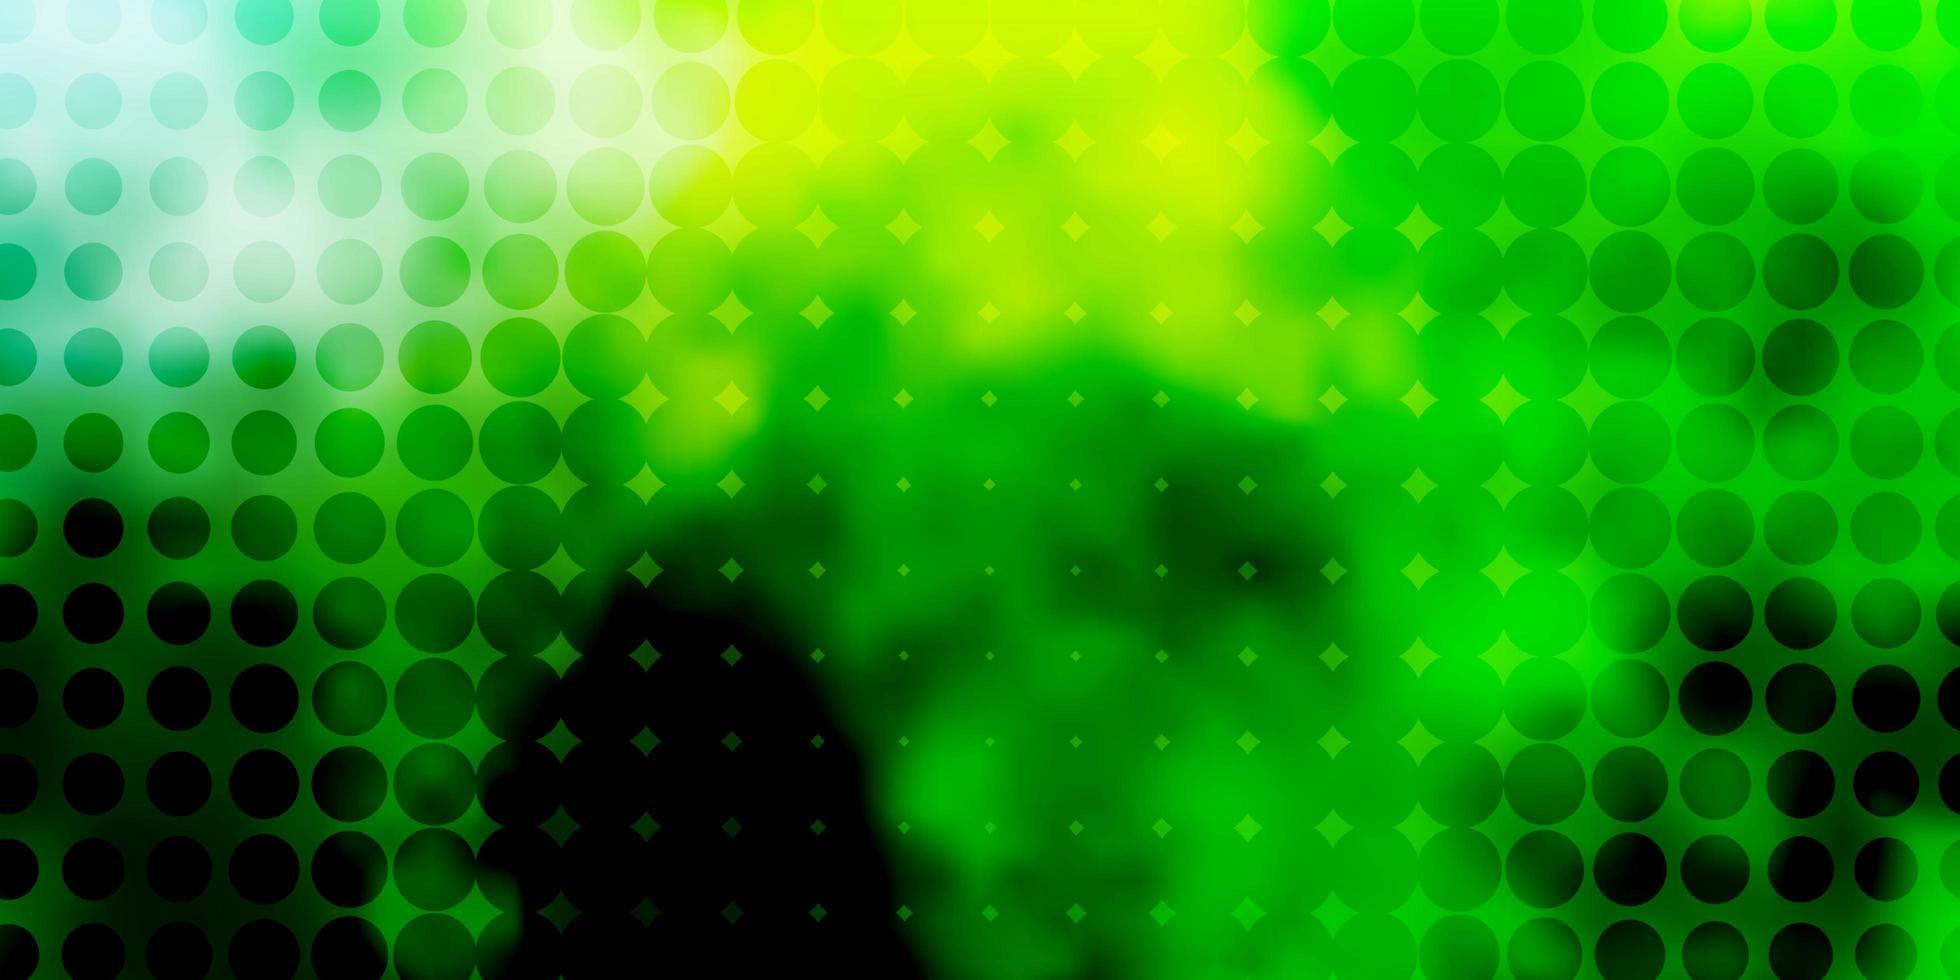 patrón de vector verde claro, amarillo con círculos.